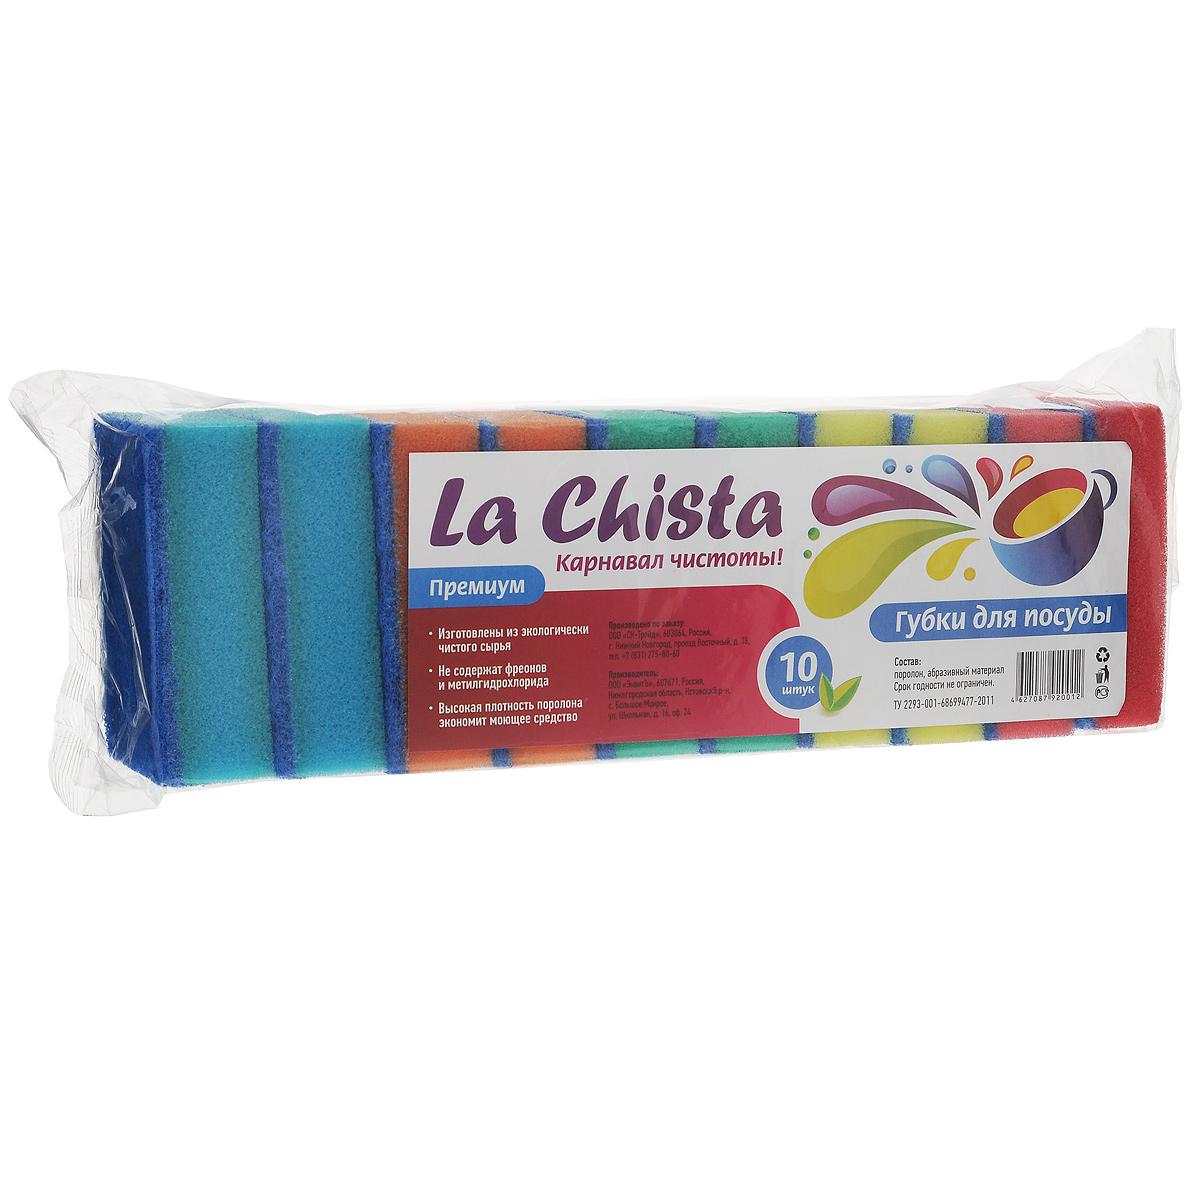 Губки для посуды La Chista Премиум, 10 шт870083Набор La Chista Супер Макси, изготовленный из мягкого поролона с абразивными материалами, состоит из 10 губок. Губки предназначены для уборки и мытья посуды. Они идеально удаляют жир, грязь и пригоревшую пищу. Особенности: Изготовлены из экологически чистого сырья. Не содержит фреонов и метилгидрохлорида. Высокая плотность поролона экономит моющее средство.